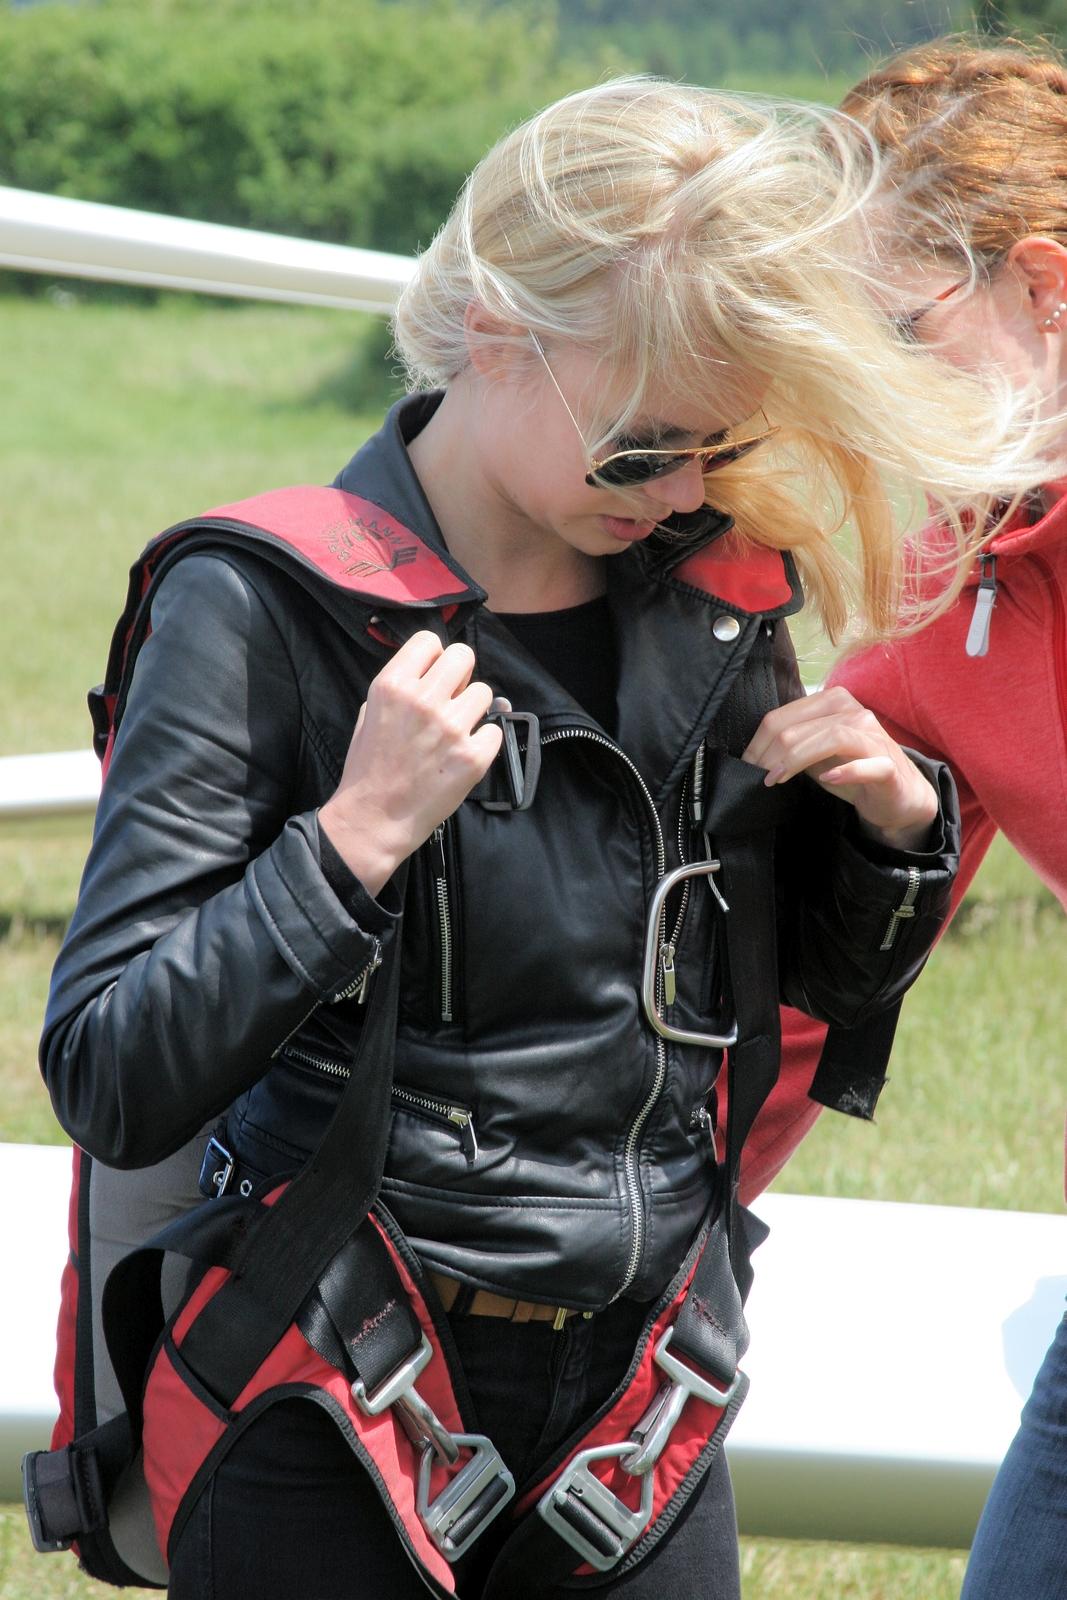 Der Fallschirm wird sicher angelegt und gut festgezurrt